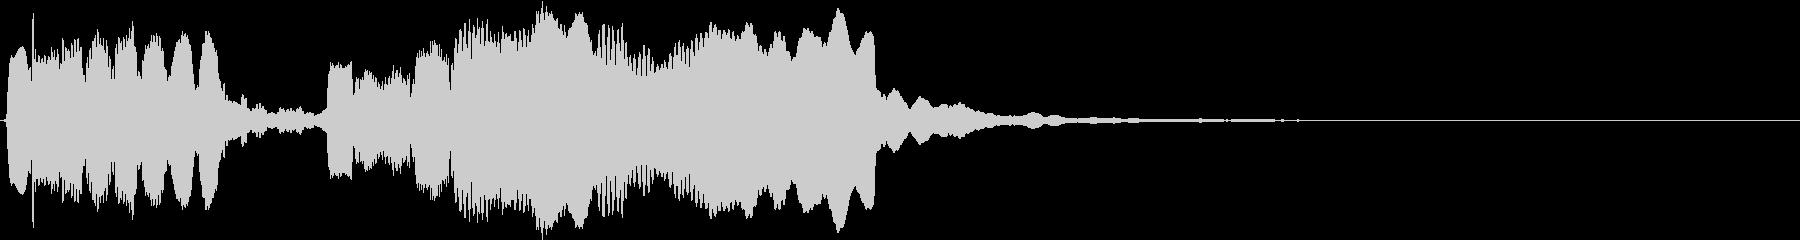 ホラーなリコーダー トッカータとフーガの未再生の波形